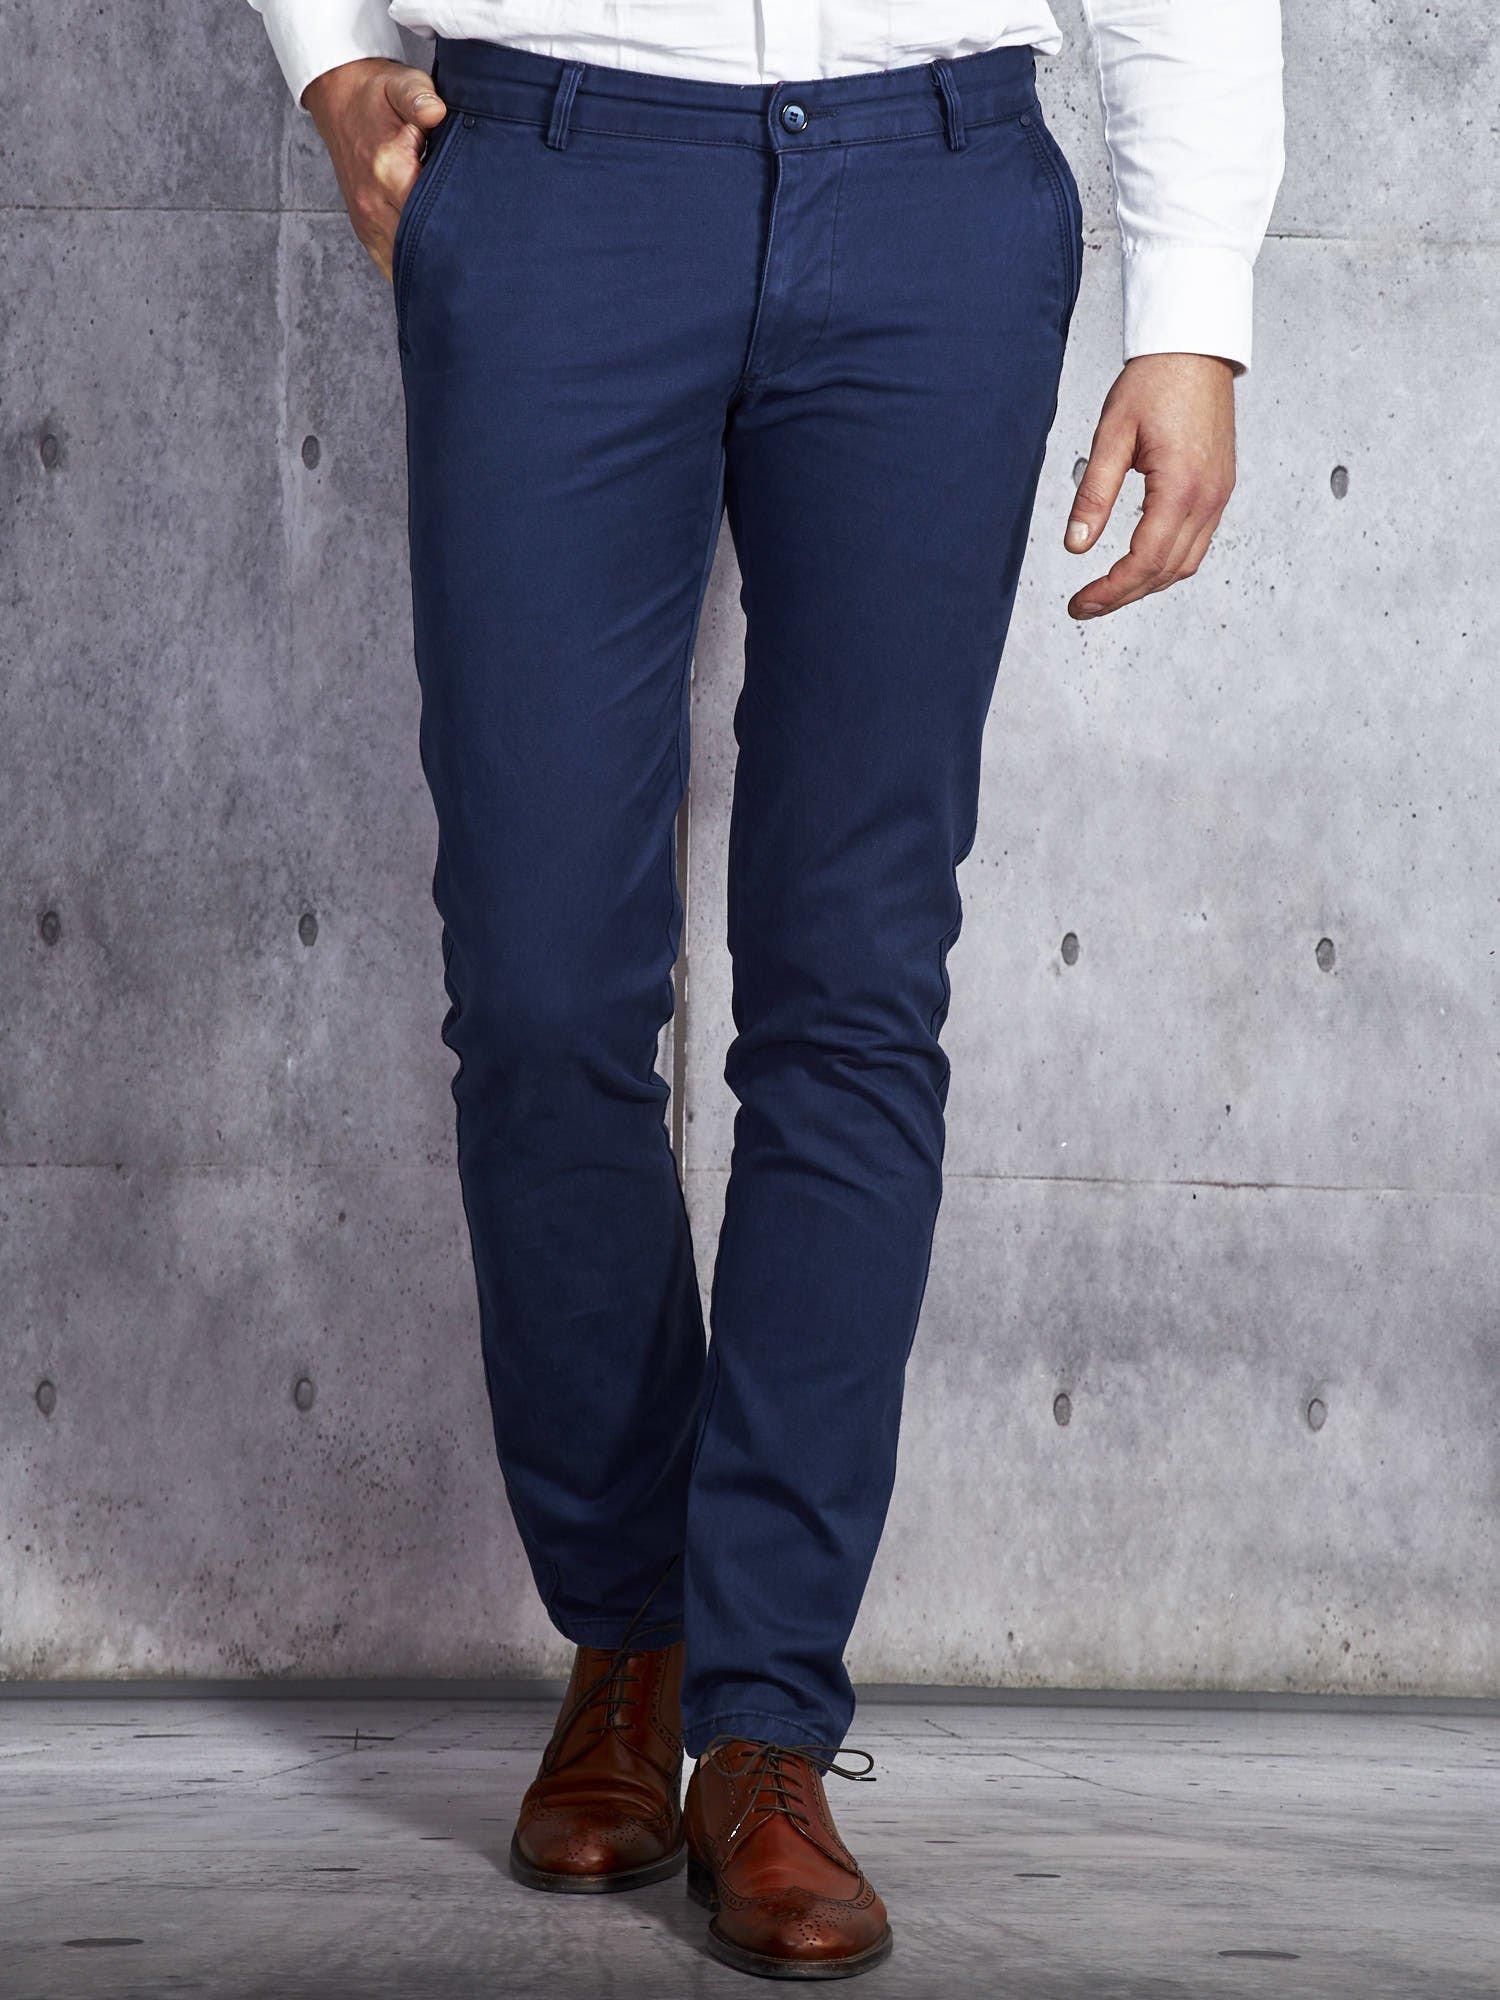 60683467ed37f Granatowe spodnie męskie o prostym kroju - Mężczyźni Spodnie z materiału  męskie - sklep eButik.pl